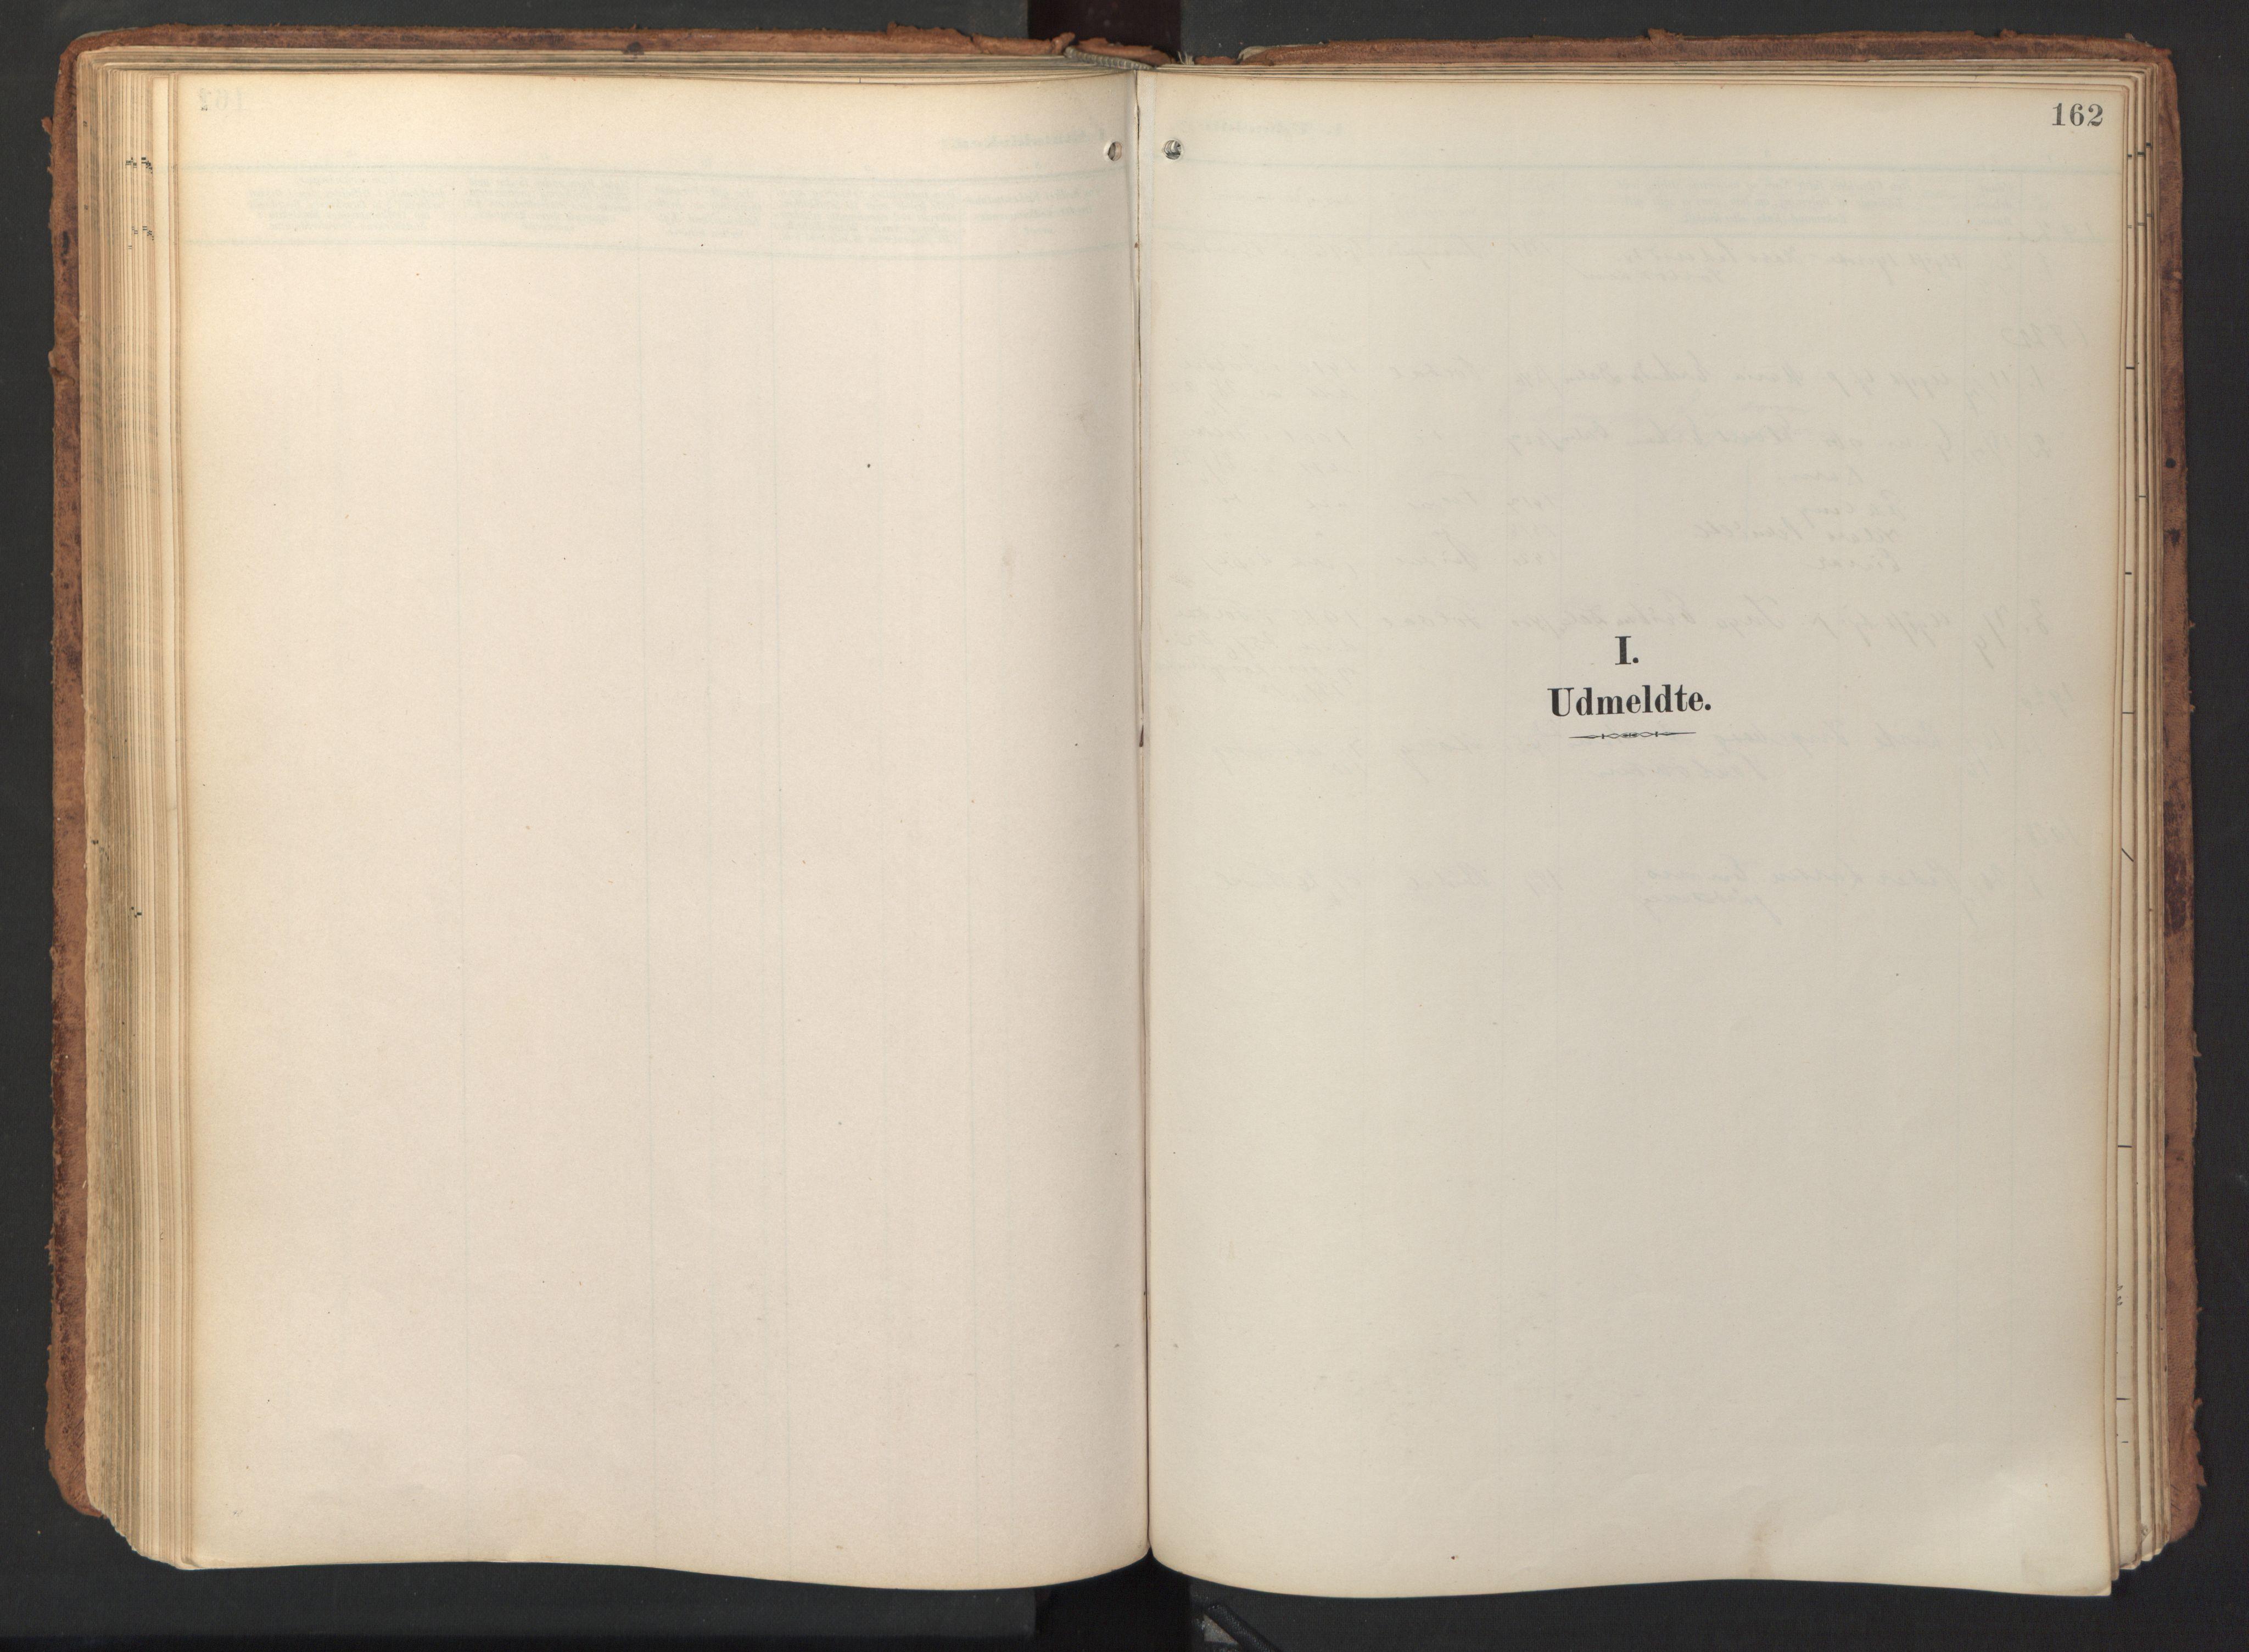 SAT, Ministerialprotokoller, klokkerbøker og fødselsregistre - Sør-Trøndelag, 690/L1050: Ministerialbok nr. 690A01, 1889-1929, s. 162